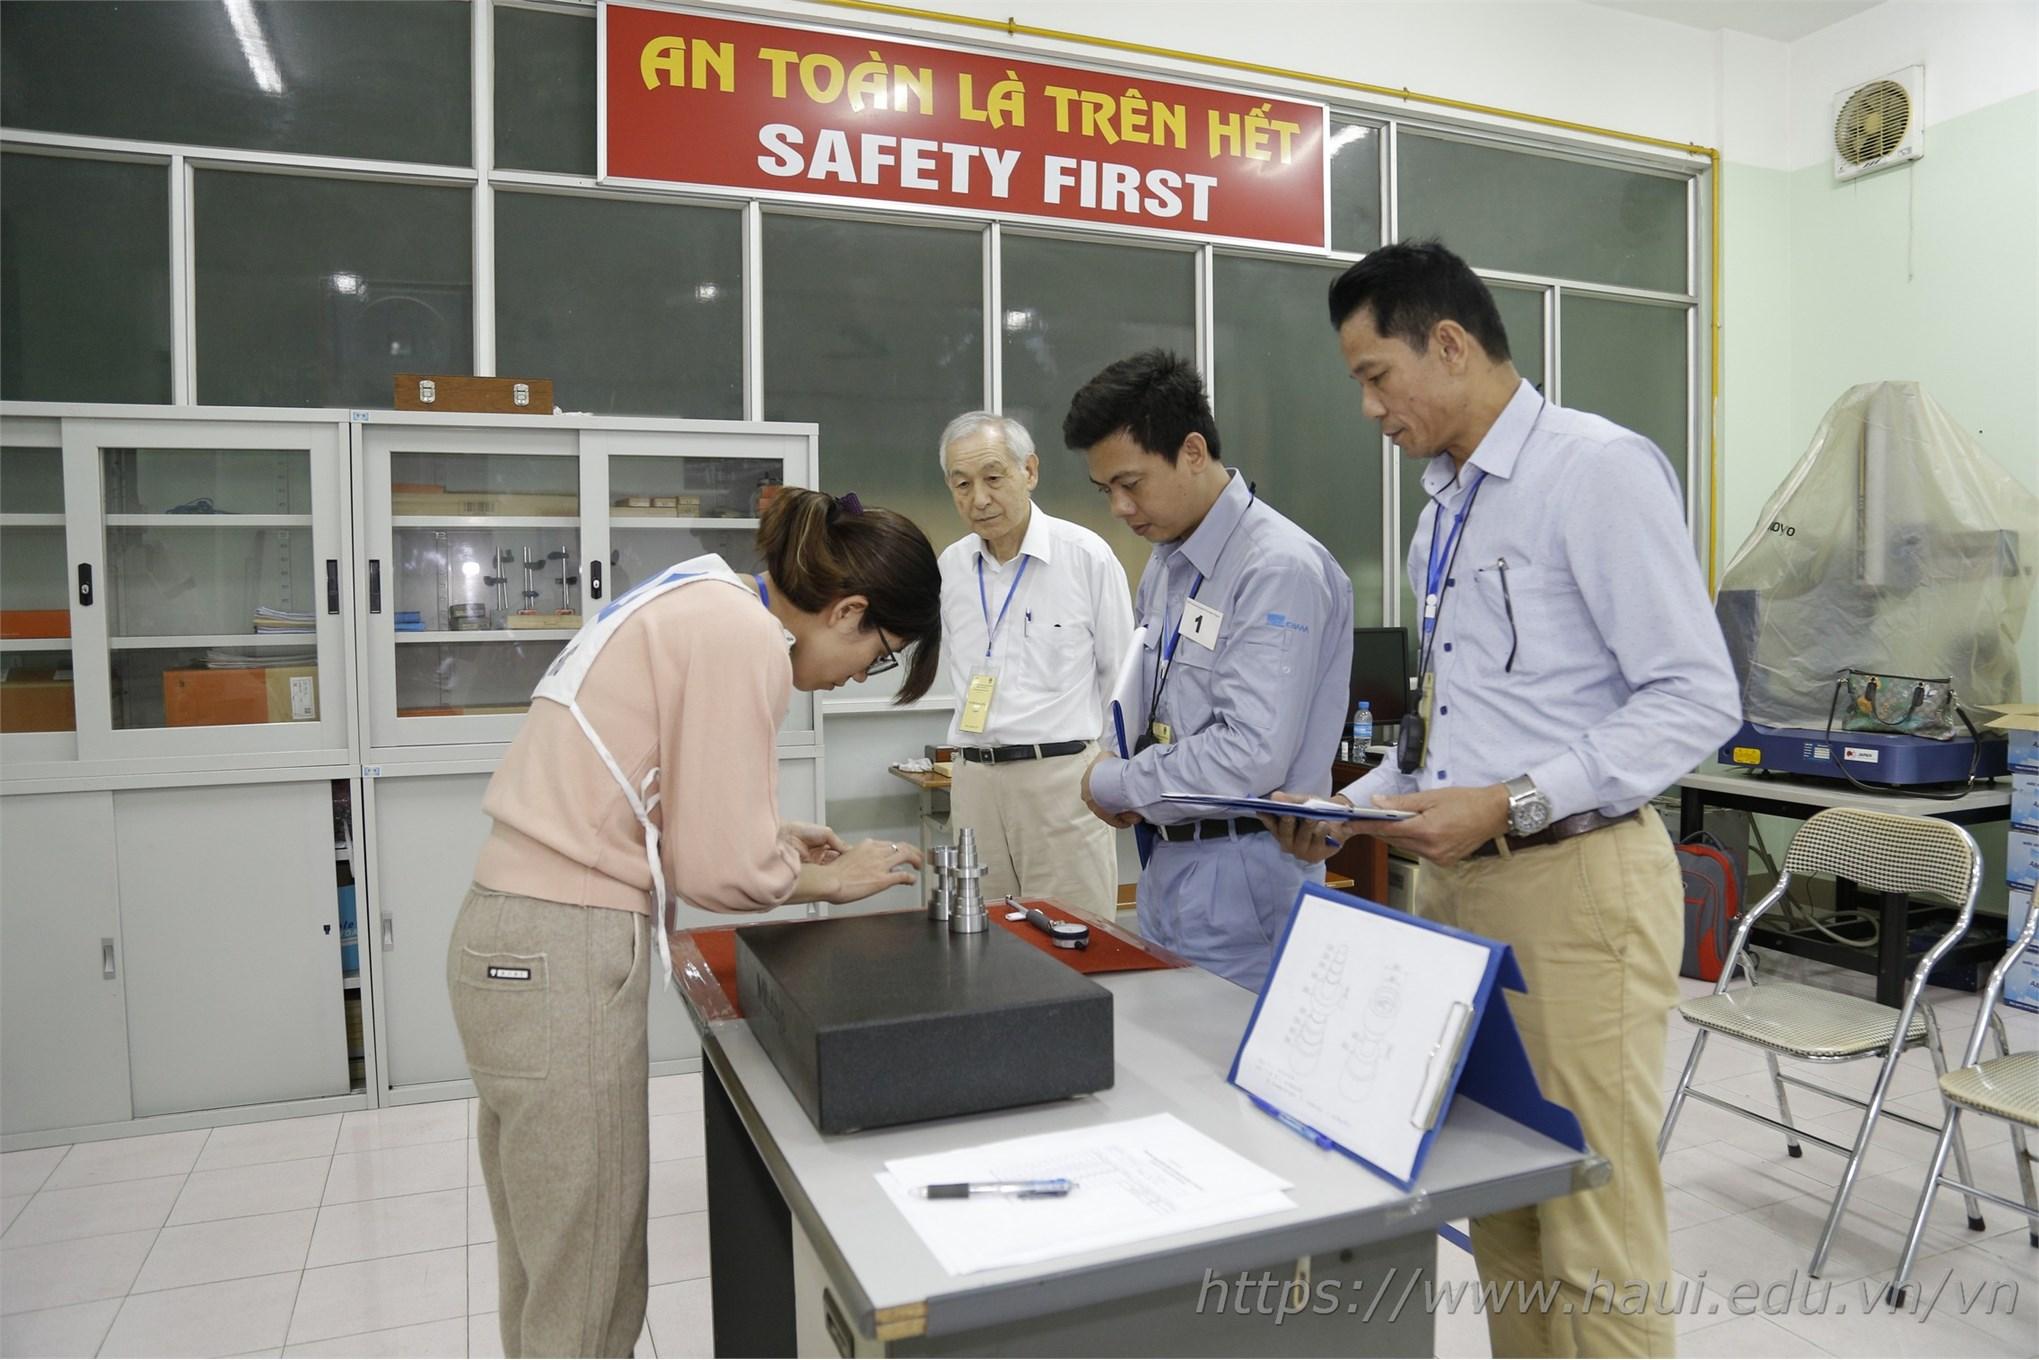 Khai mạc kỳ đánh giá thí điểm nghề Đo kiểm cơ khí bậc trình độ 3 theo tiêu chuẩn Nhật Bản